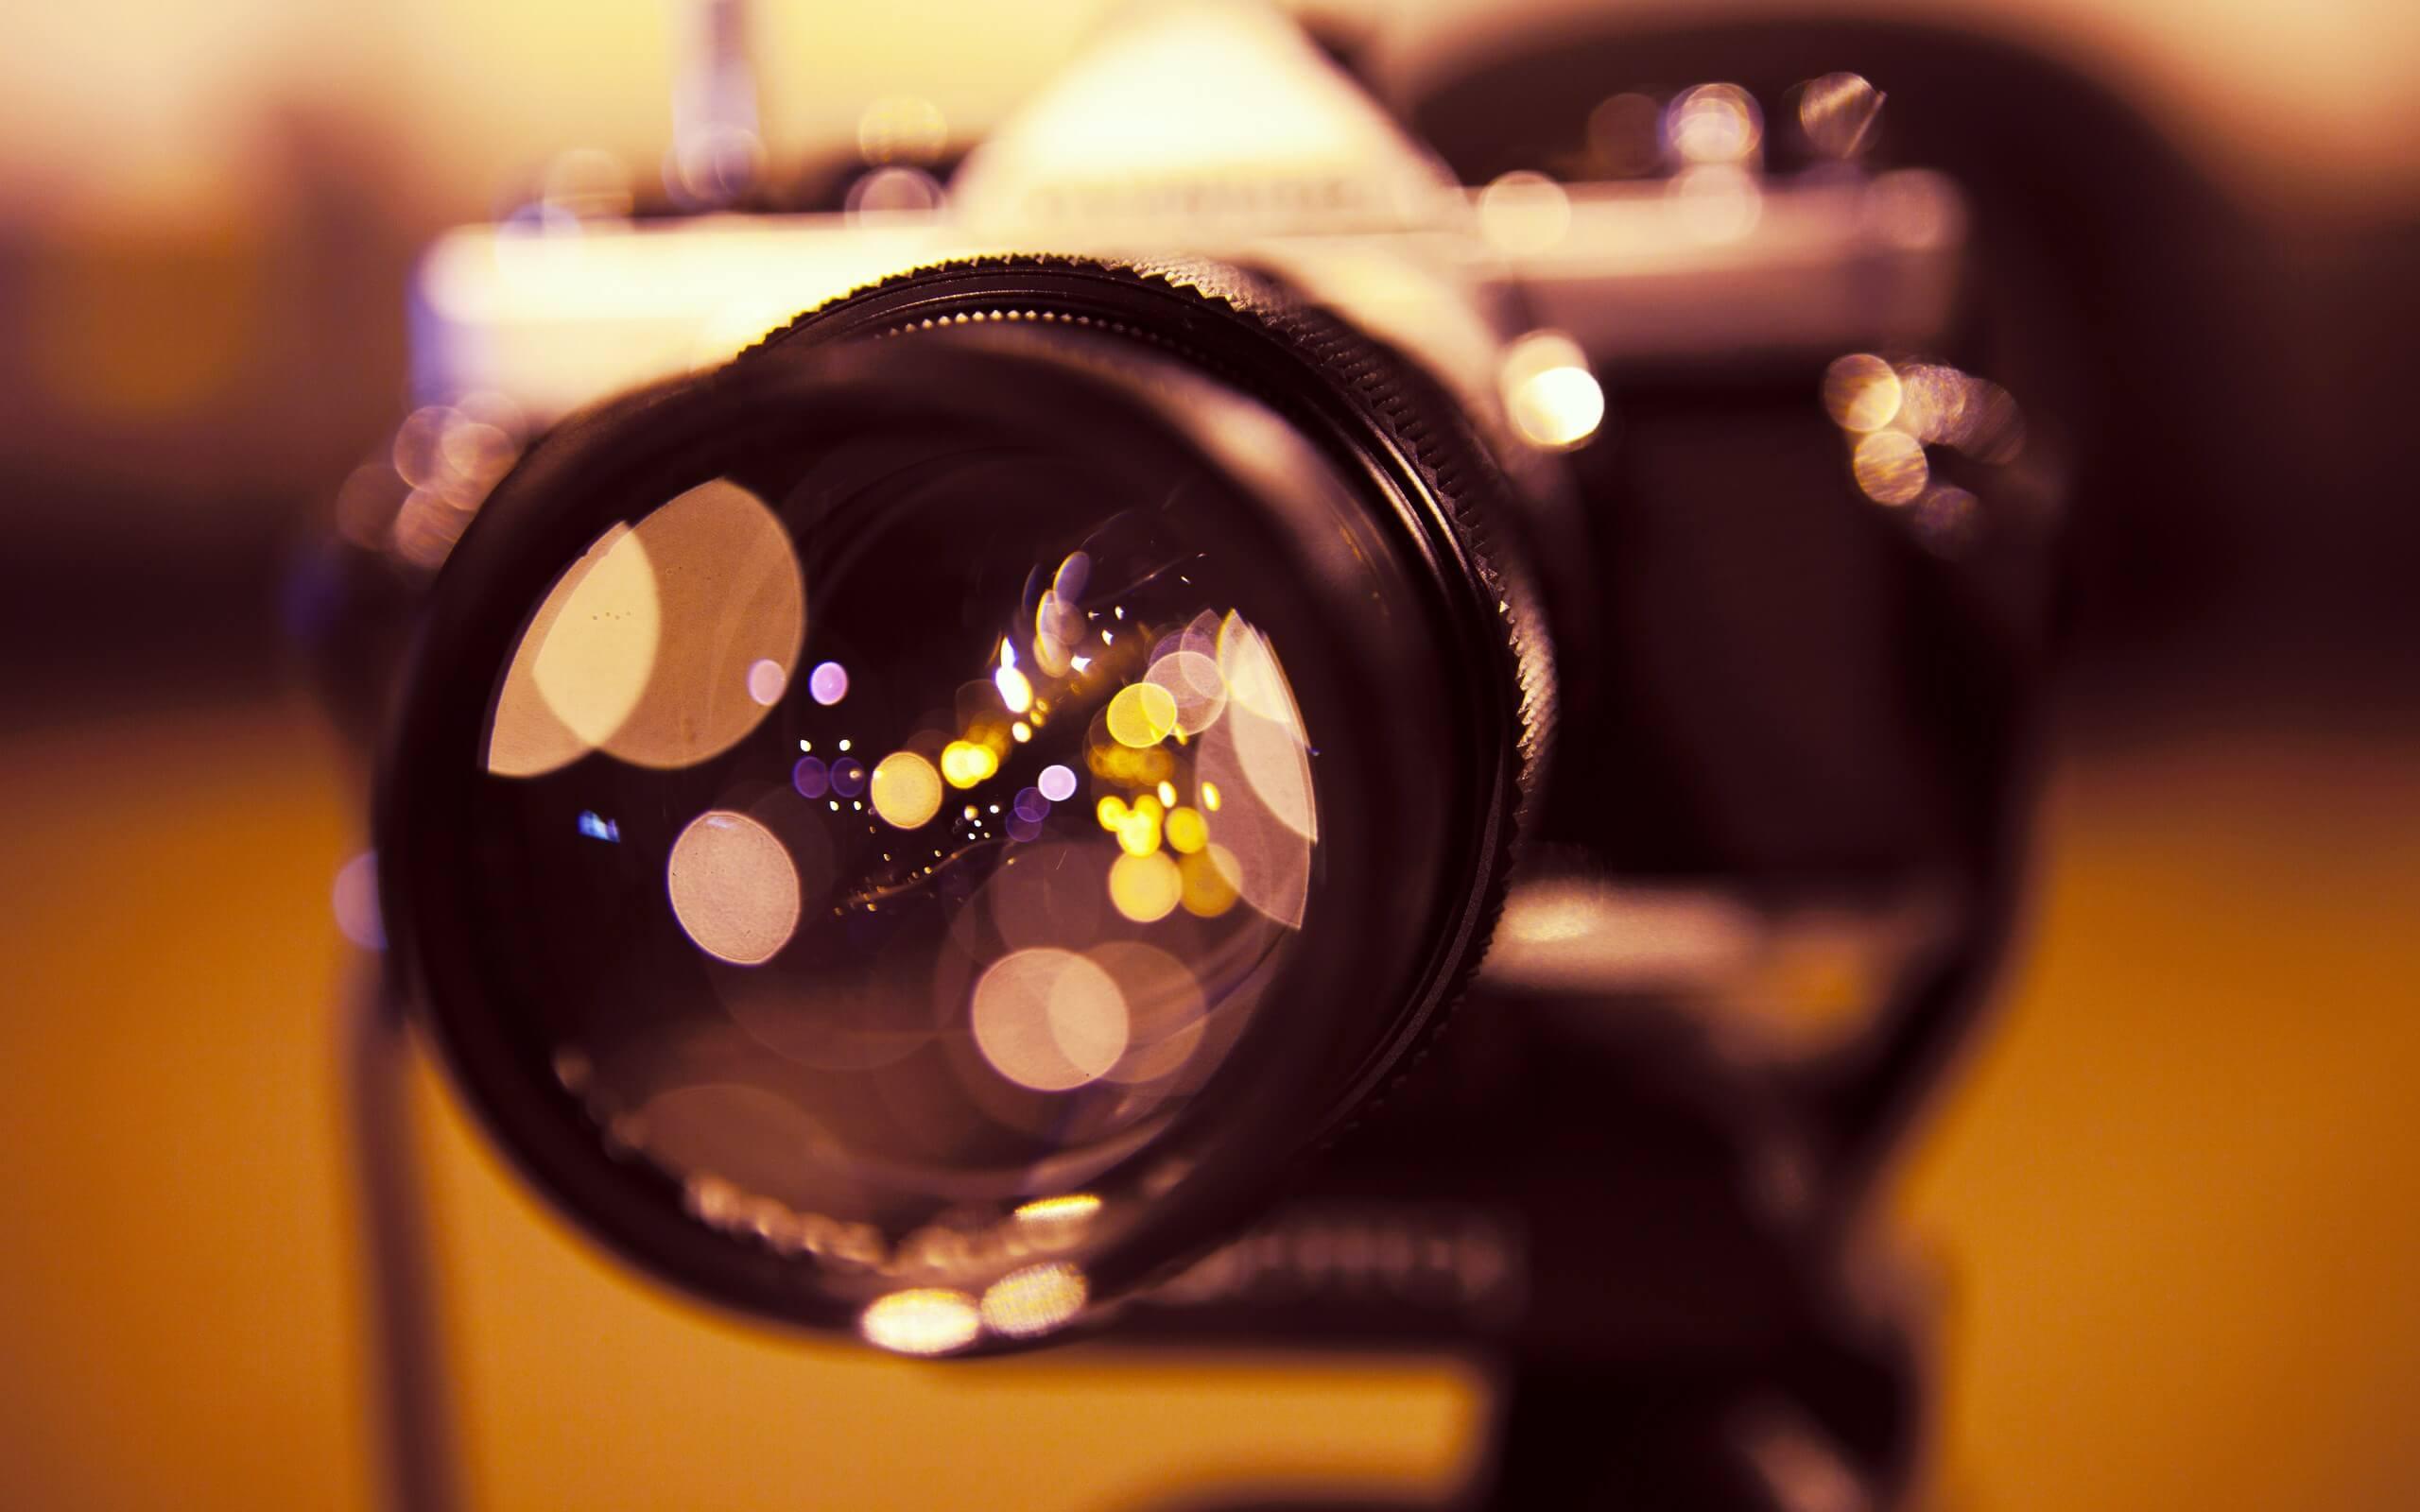 """Красивые картинки и обои """"Камера"""" - подборка изображений 18"""